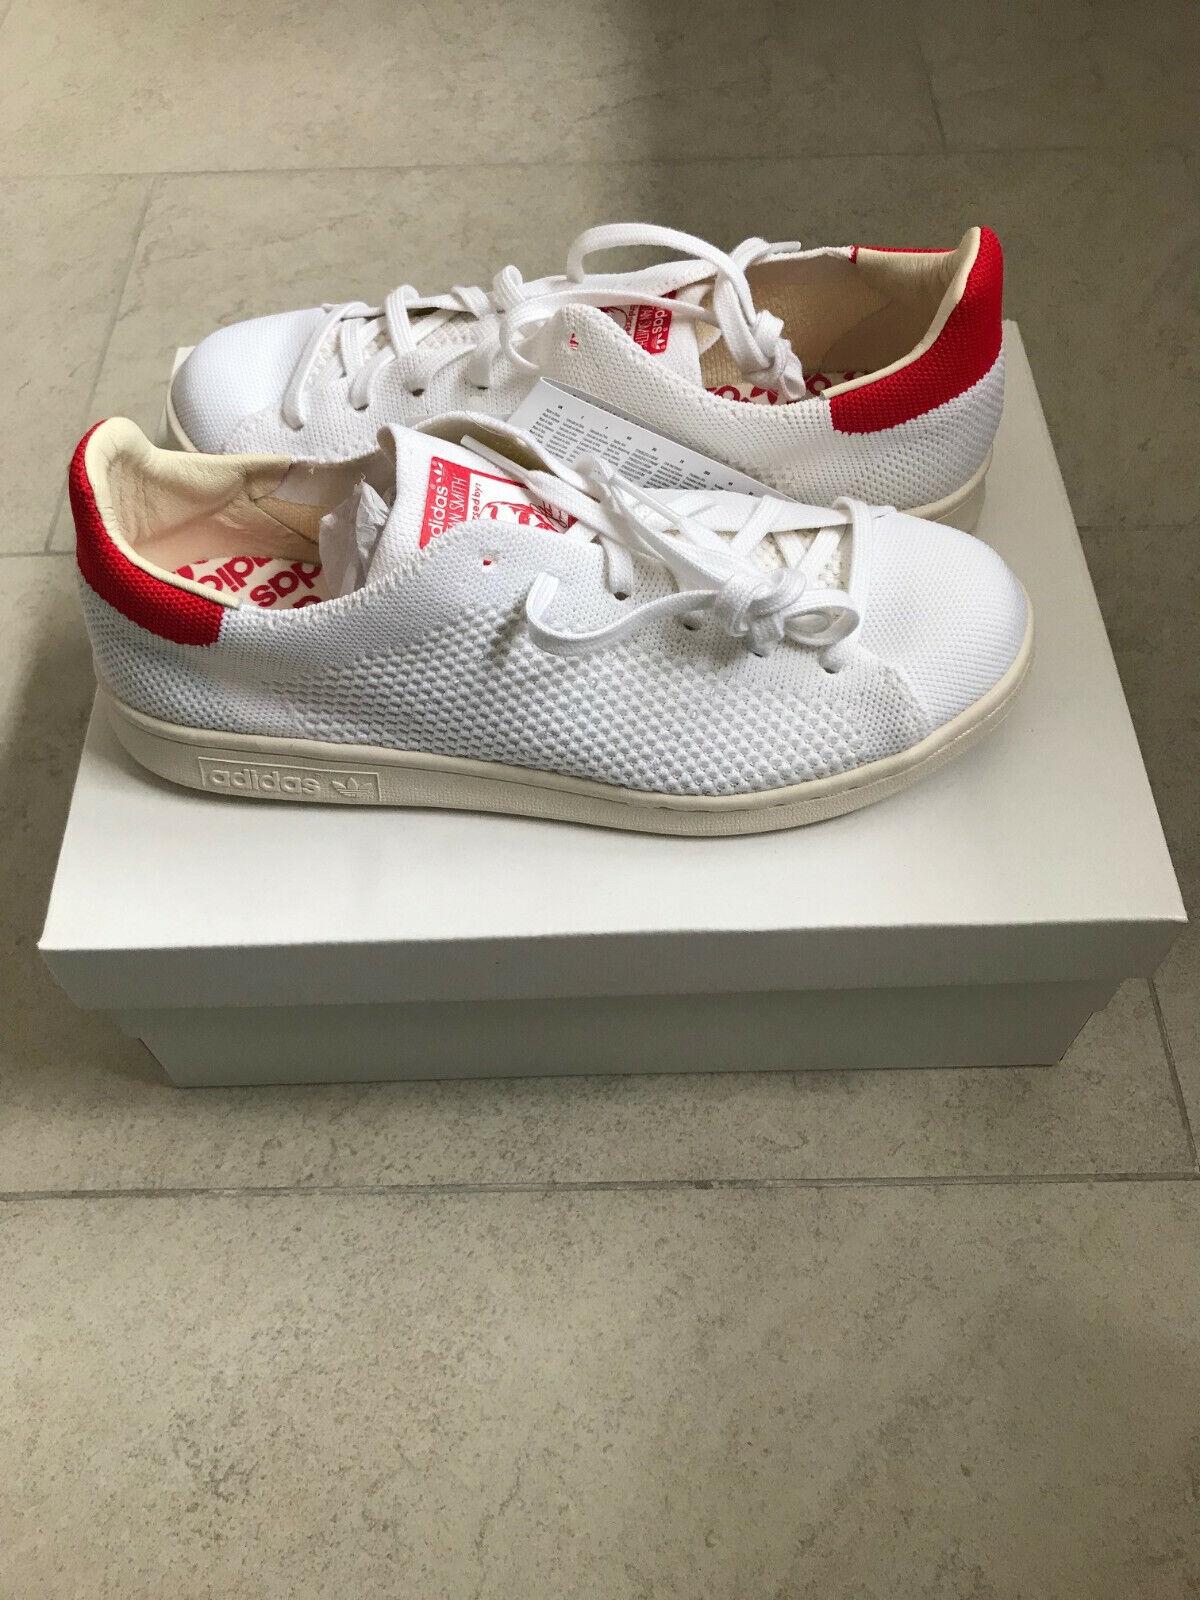 Adidas Stan Smith OG Primeknit S75147 Herren Schuhe Turnschuhe versch. Größen